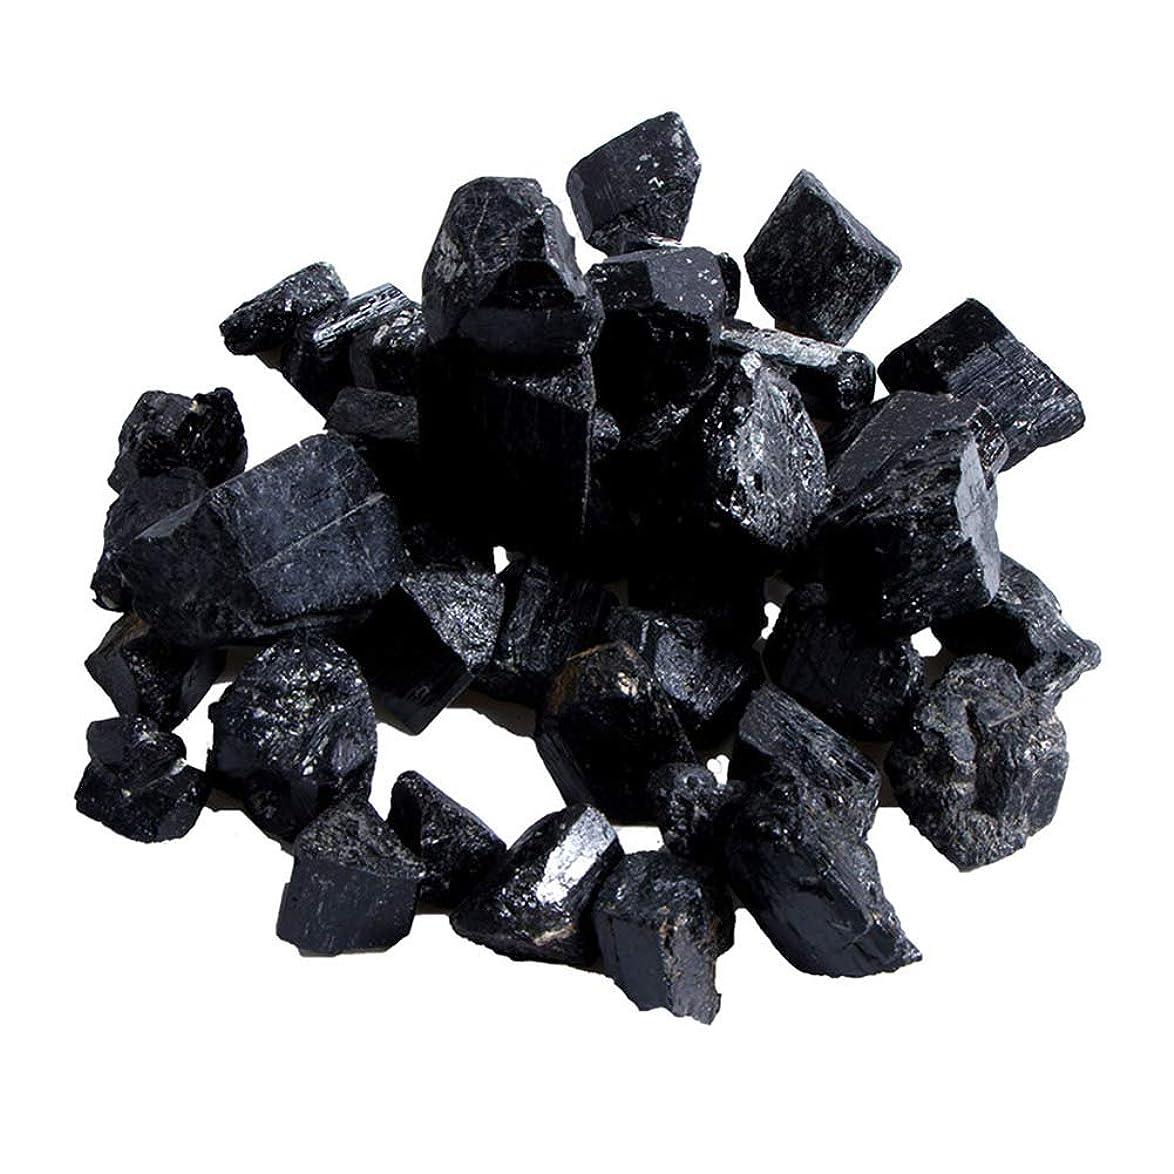 選挙道徳オープニングFuntoget 蒸し部屋用の天然黒トルマリンクリスタルラフストーンロック鉱物標本新しい